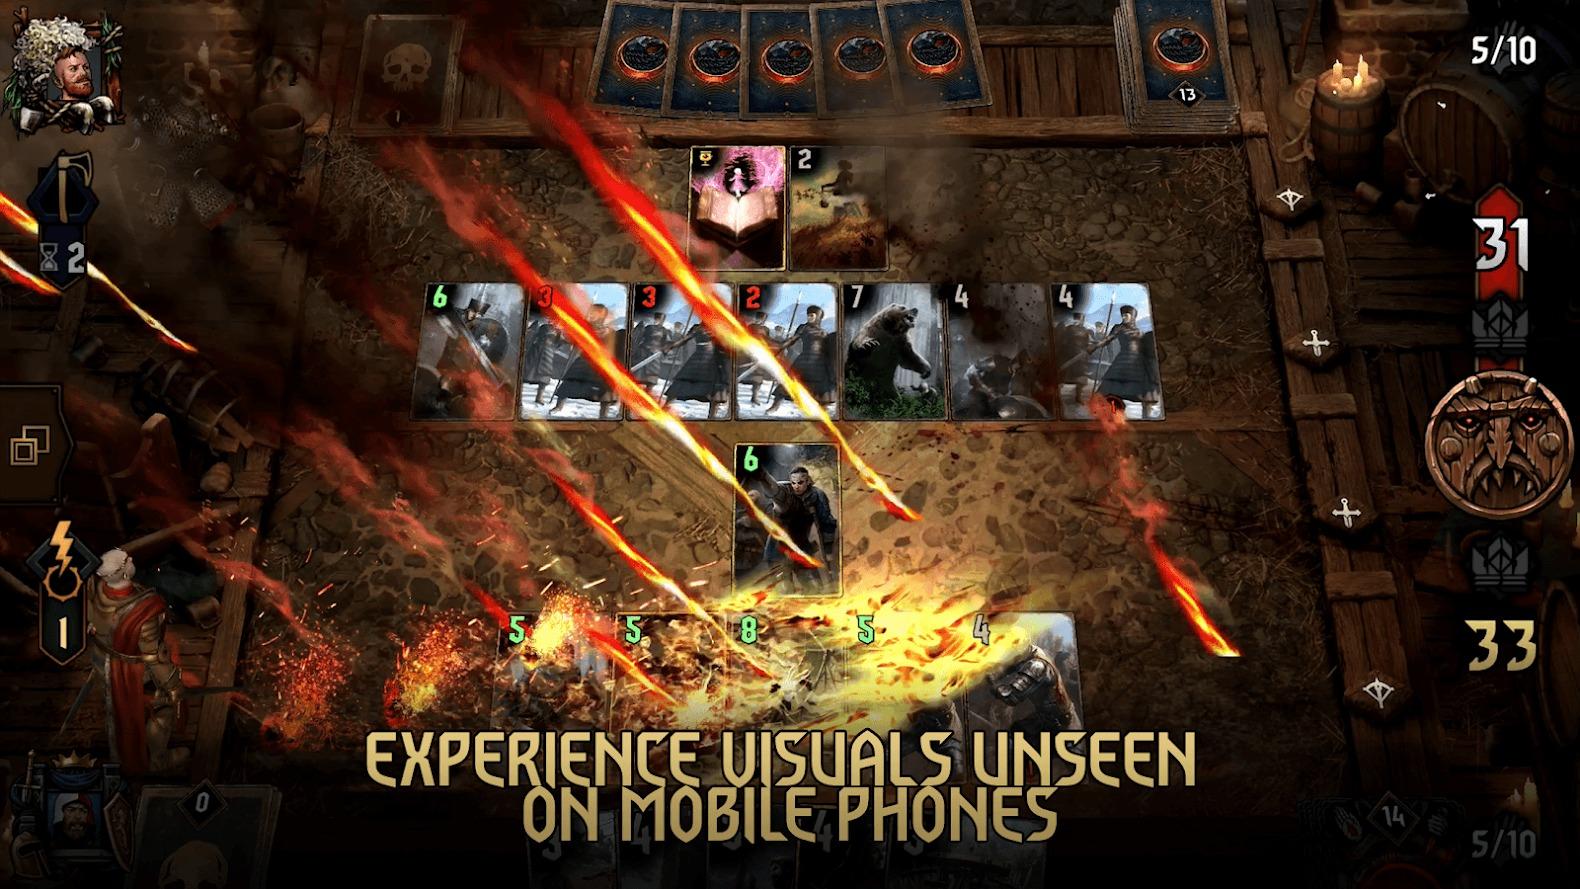 《巫师之昆特牌》已登陆安卓手机平台 来把昆特牌吧!